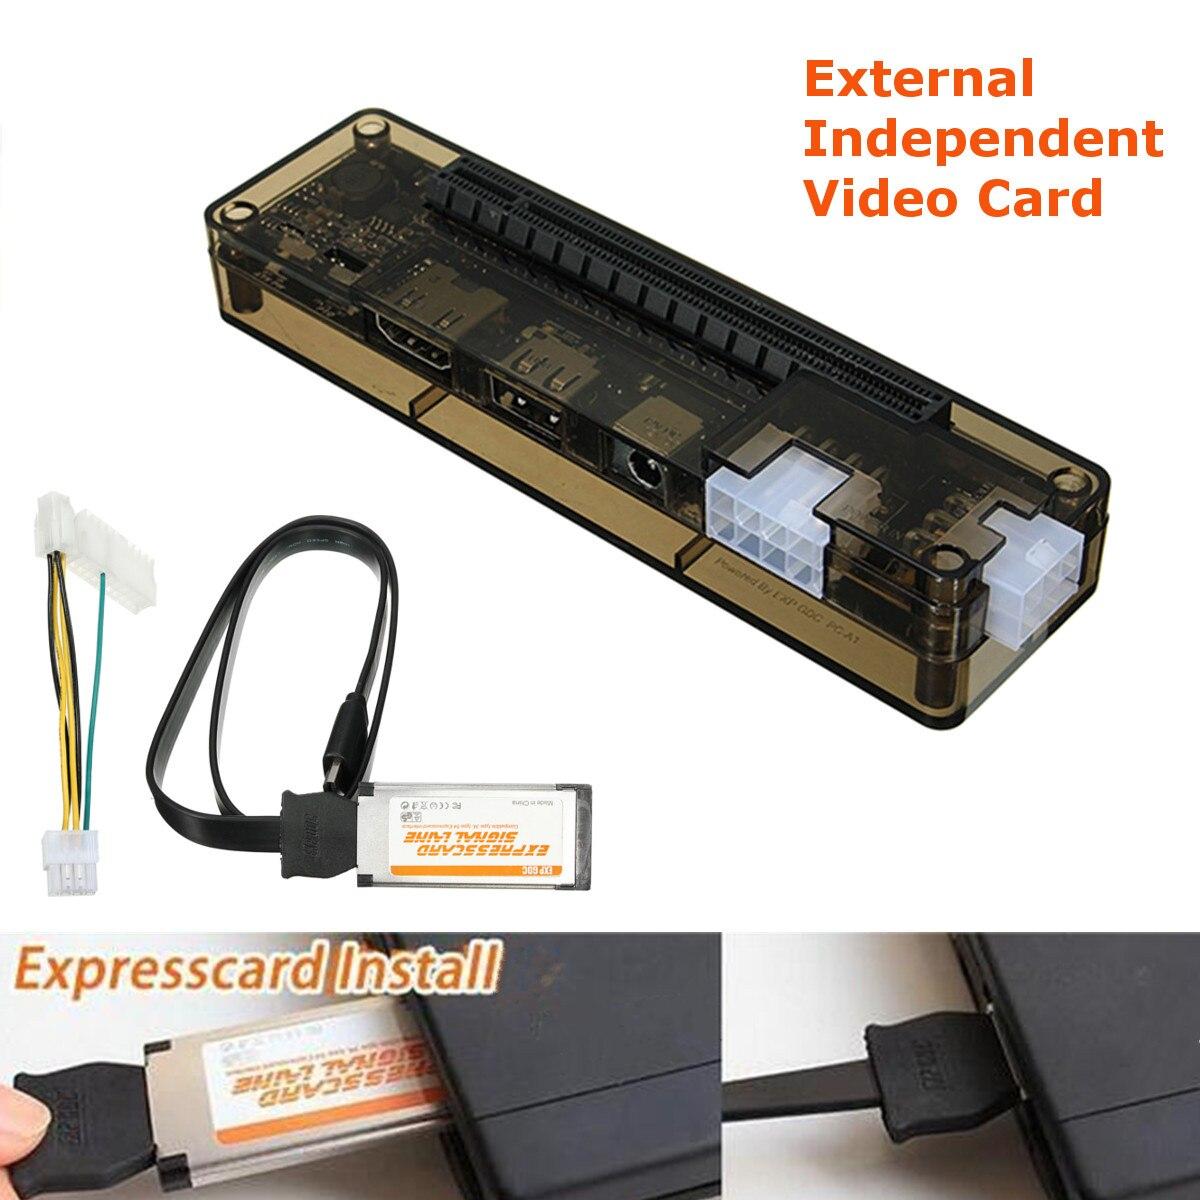 Mini PCI-E carte vidéo indépendante Dock EXP GDC Fit bête ordinateur portable externe carte vidéo indépendante Dock carte Express